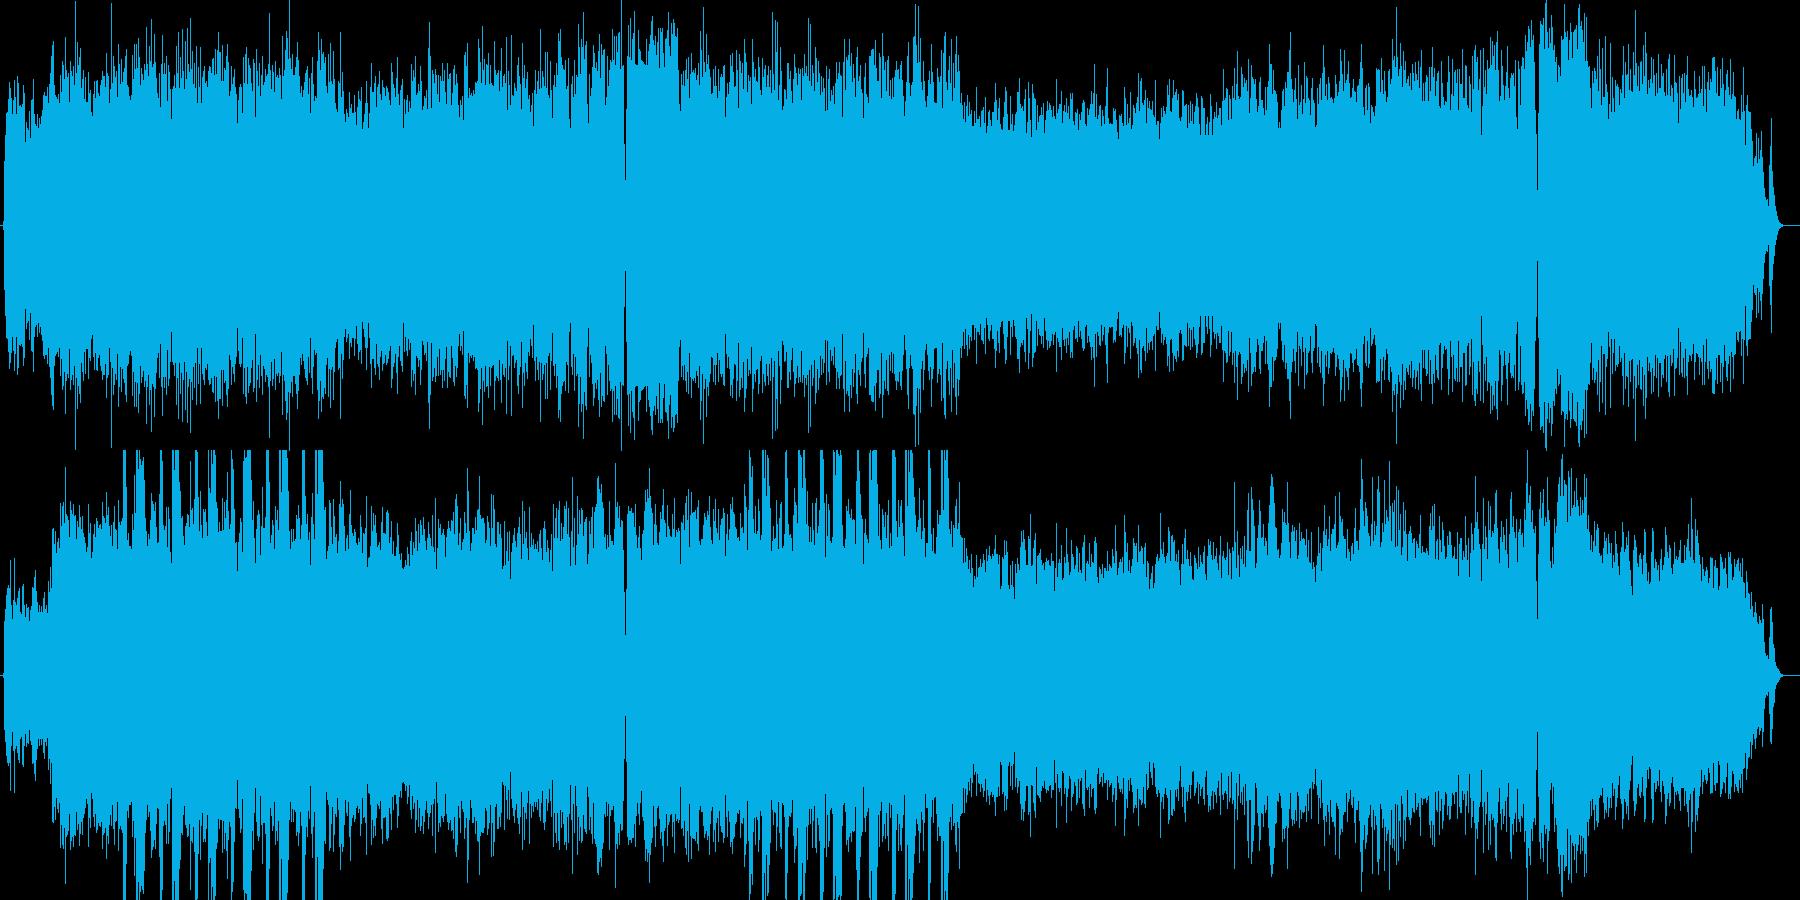 シンセで奏でる和風で妖艶なストーリーの再生済みの波形